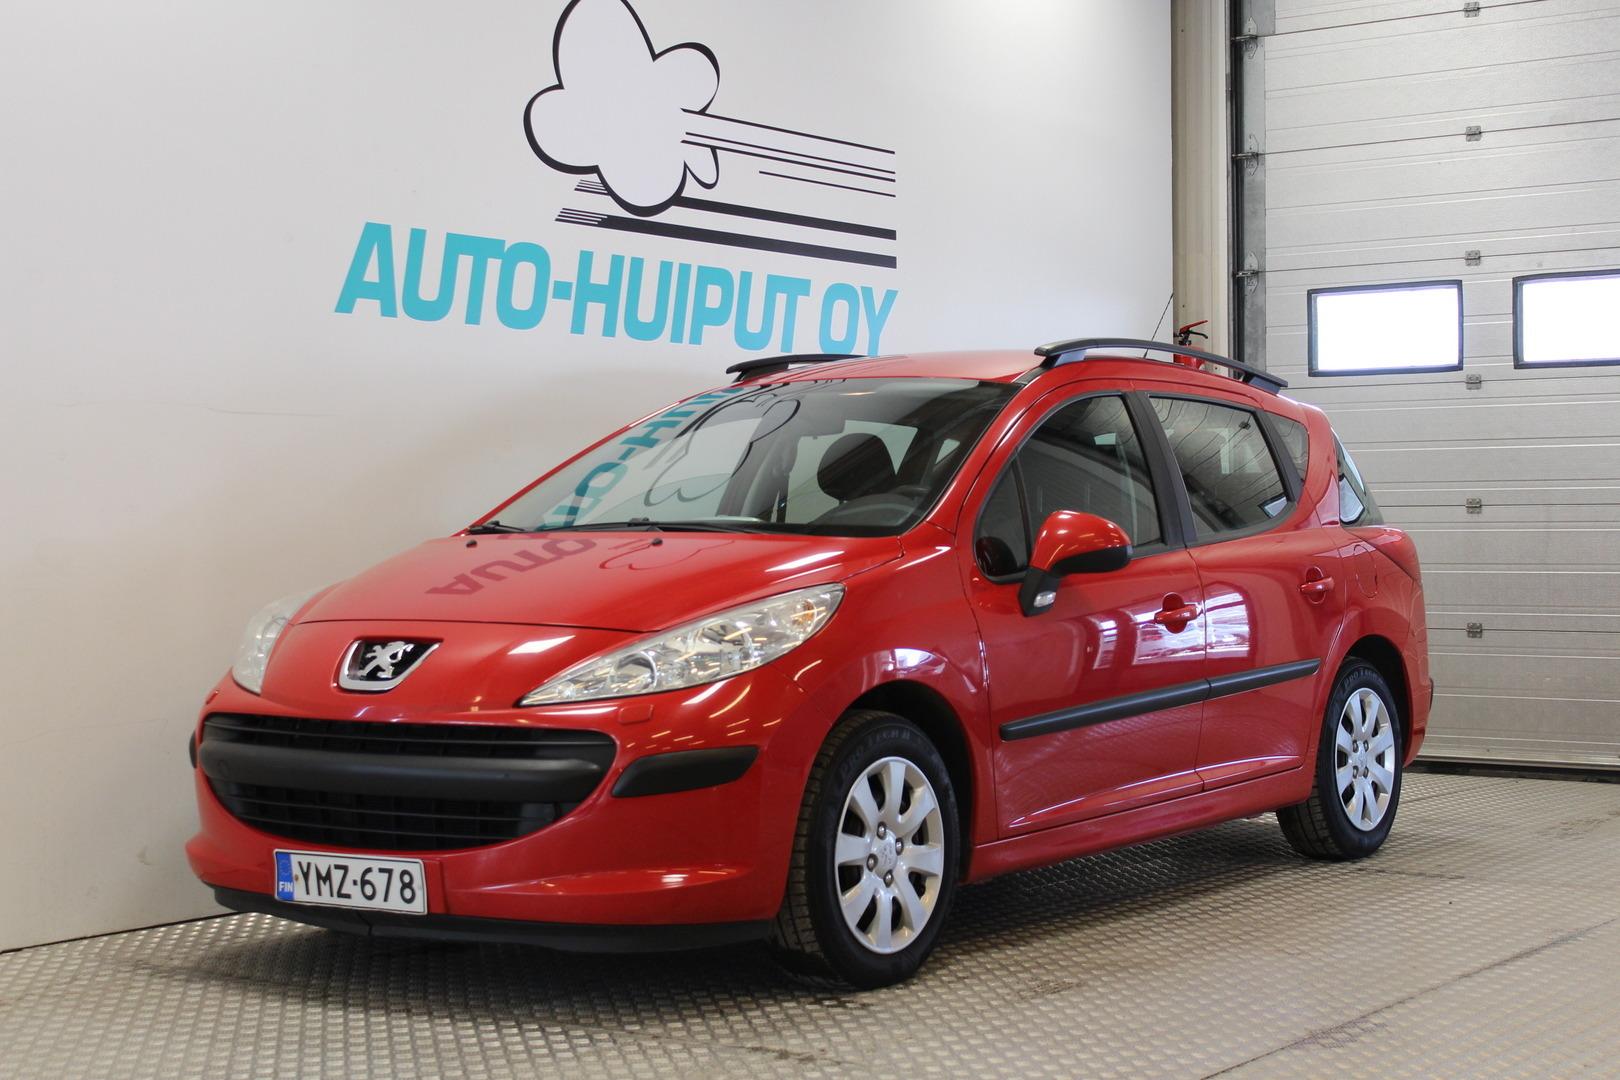 Peugeot 207, 1.6HDI 90 Wagon Trendy **Juuri tullut** #Edullinen käyttis #Vakionopeudensäädin